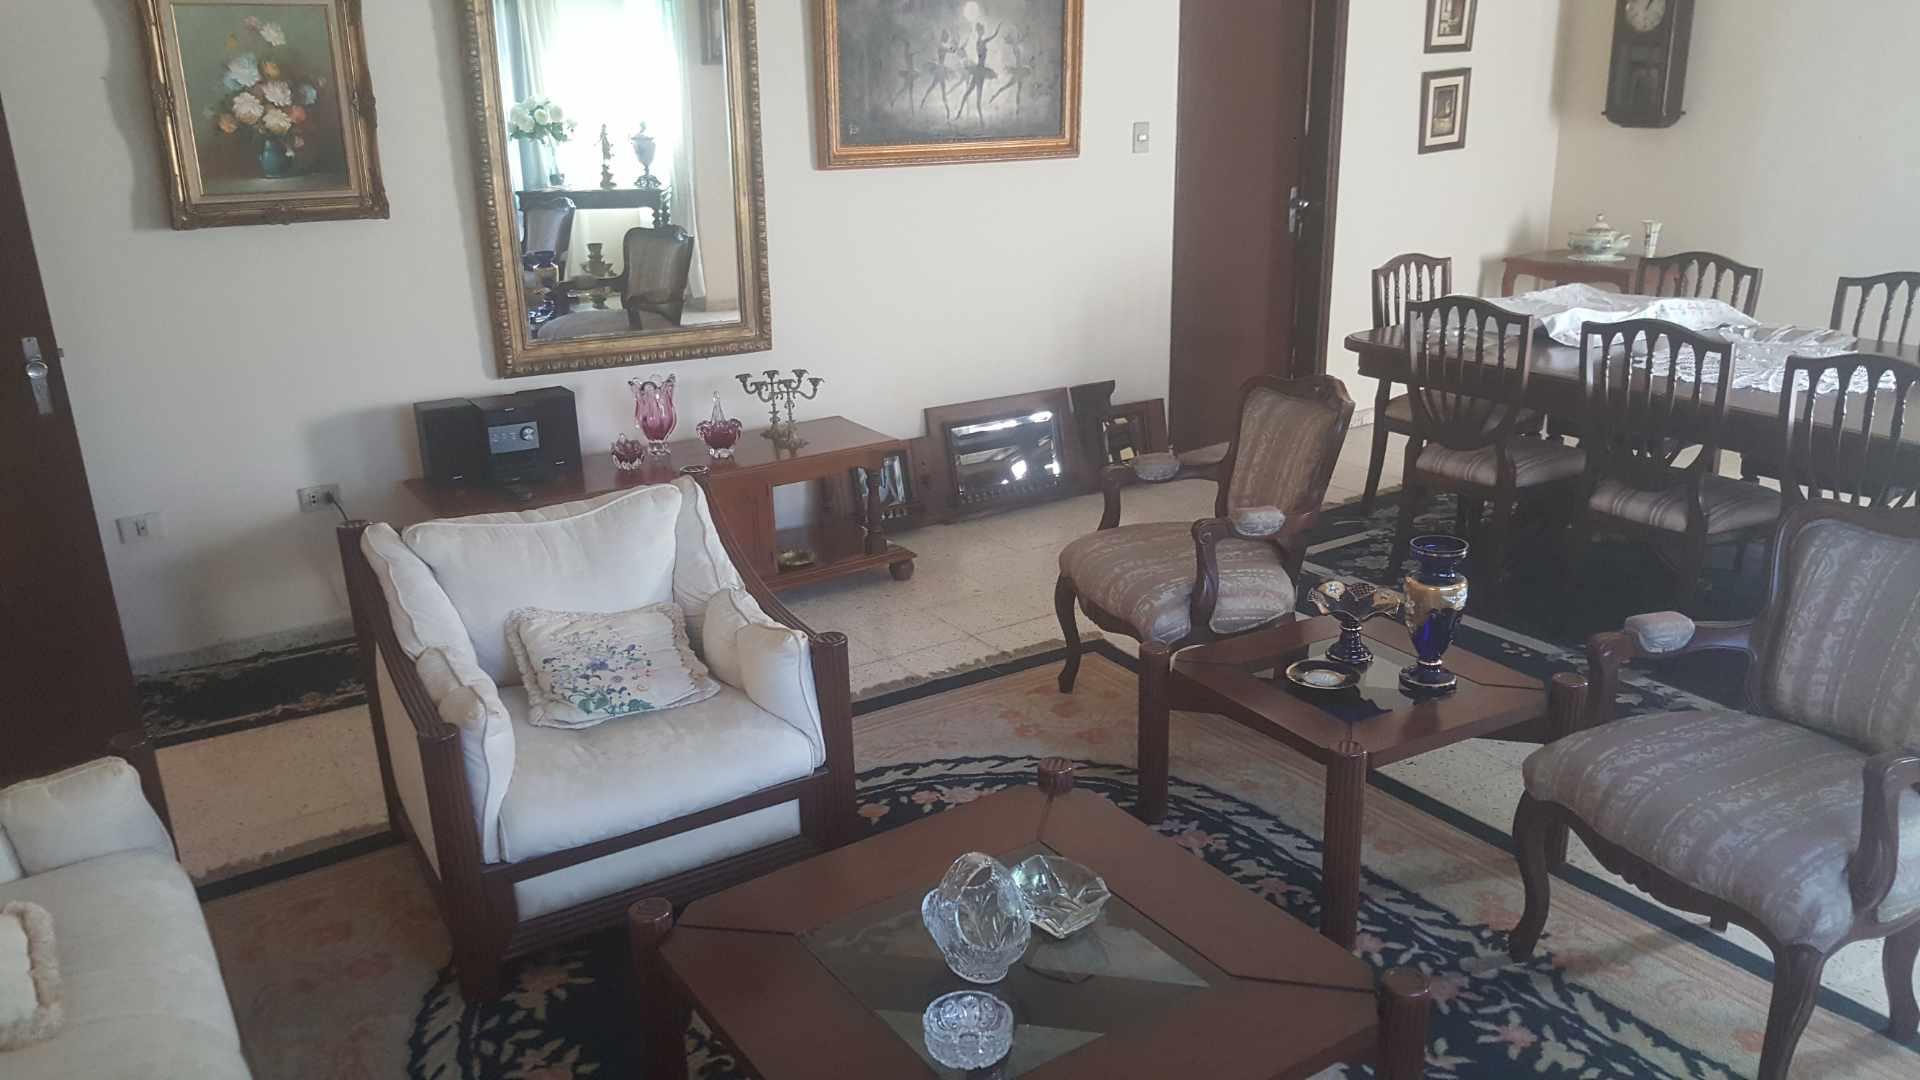 Casa en Venta BARRIO POLANCO, RADIAL 10/CALLE JUAN BLANCO. ENTRE 3er y 4to ANILLO Foto 5